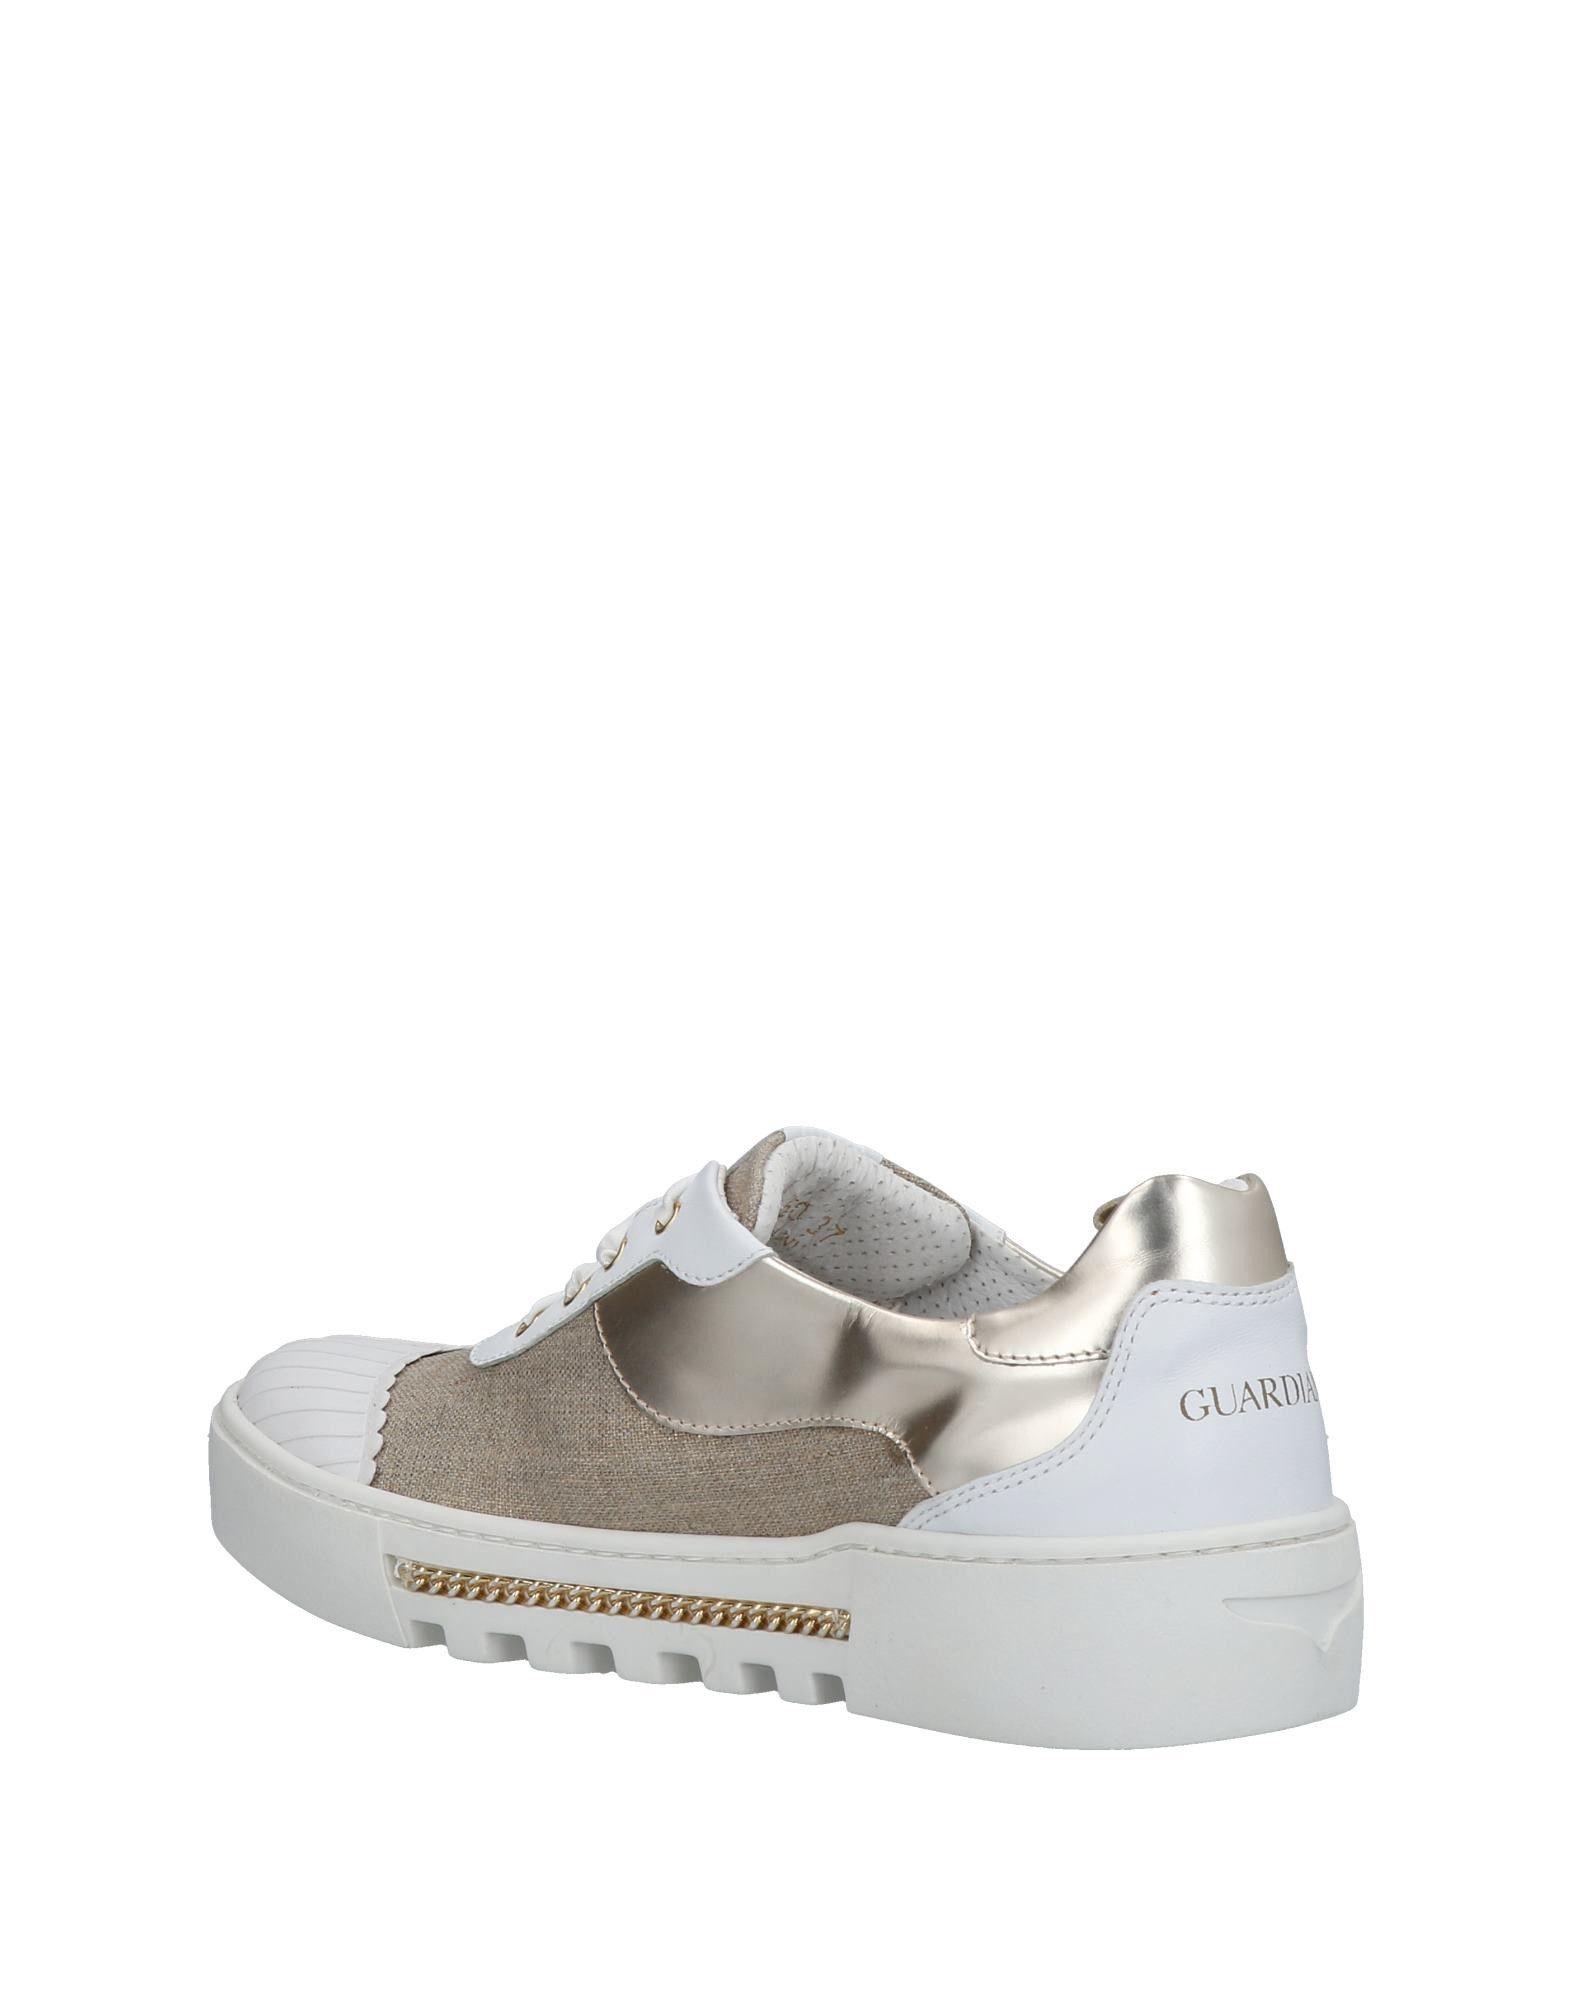 Alberto Guardiani  Sneakers Damen  11429037WX  Guardiani 5abc43